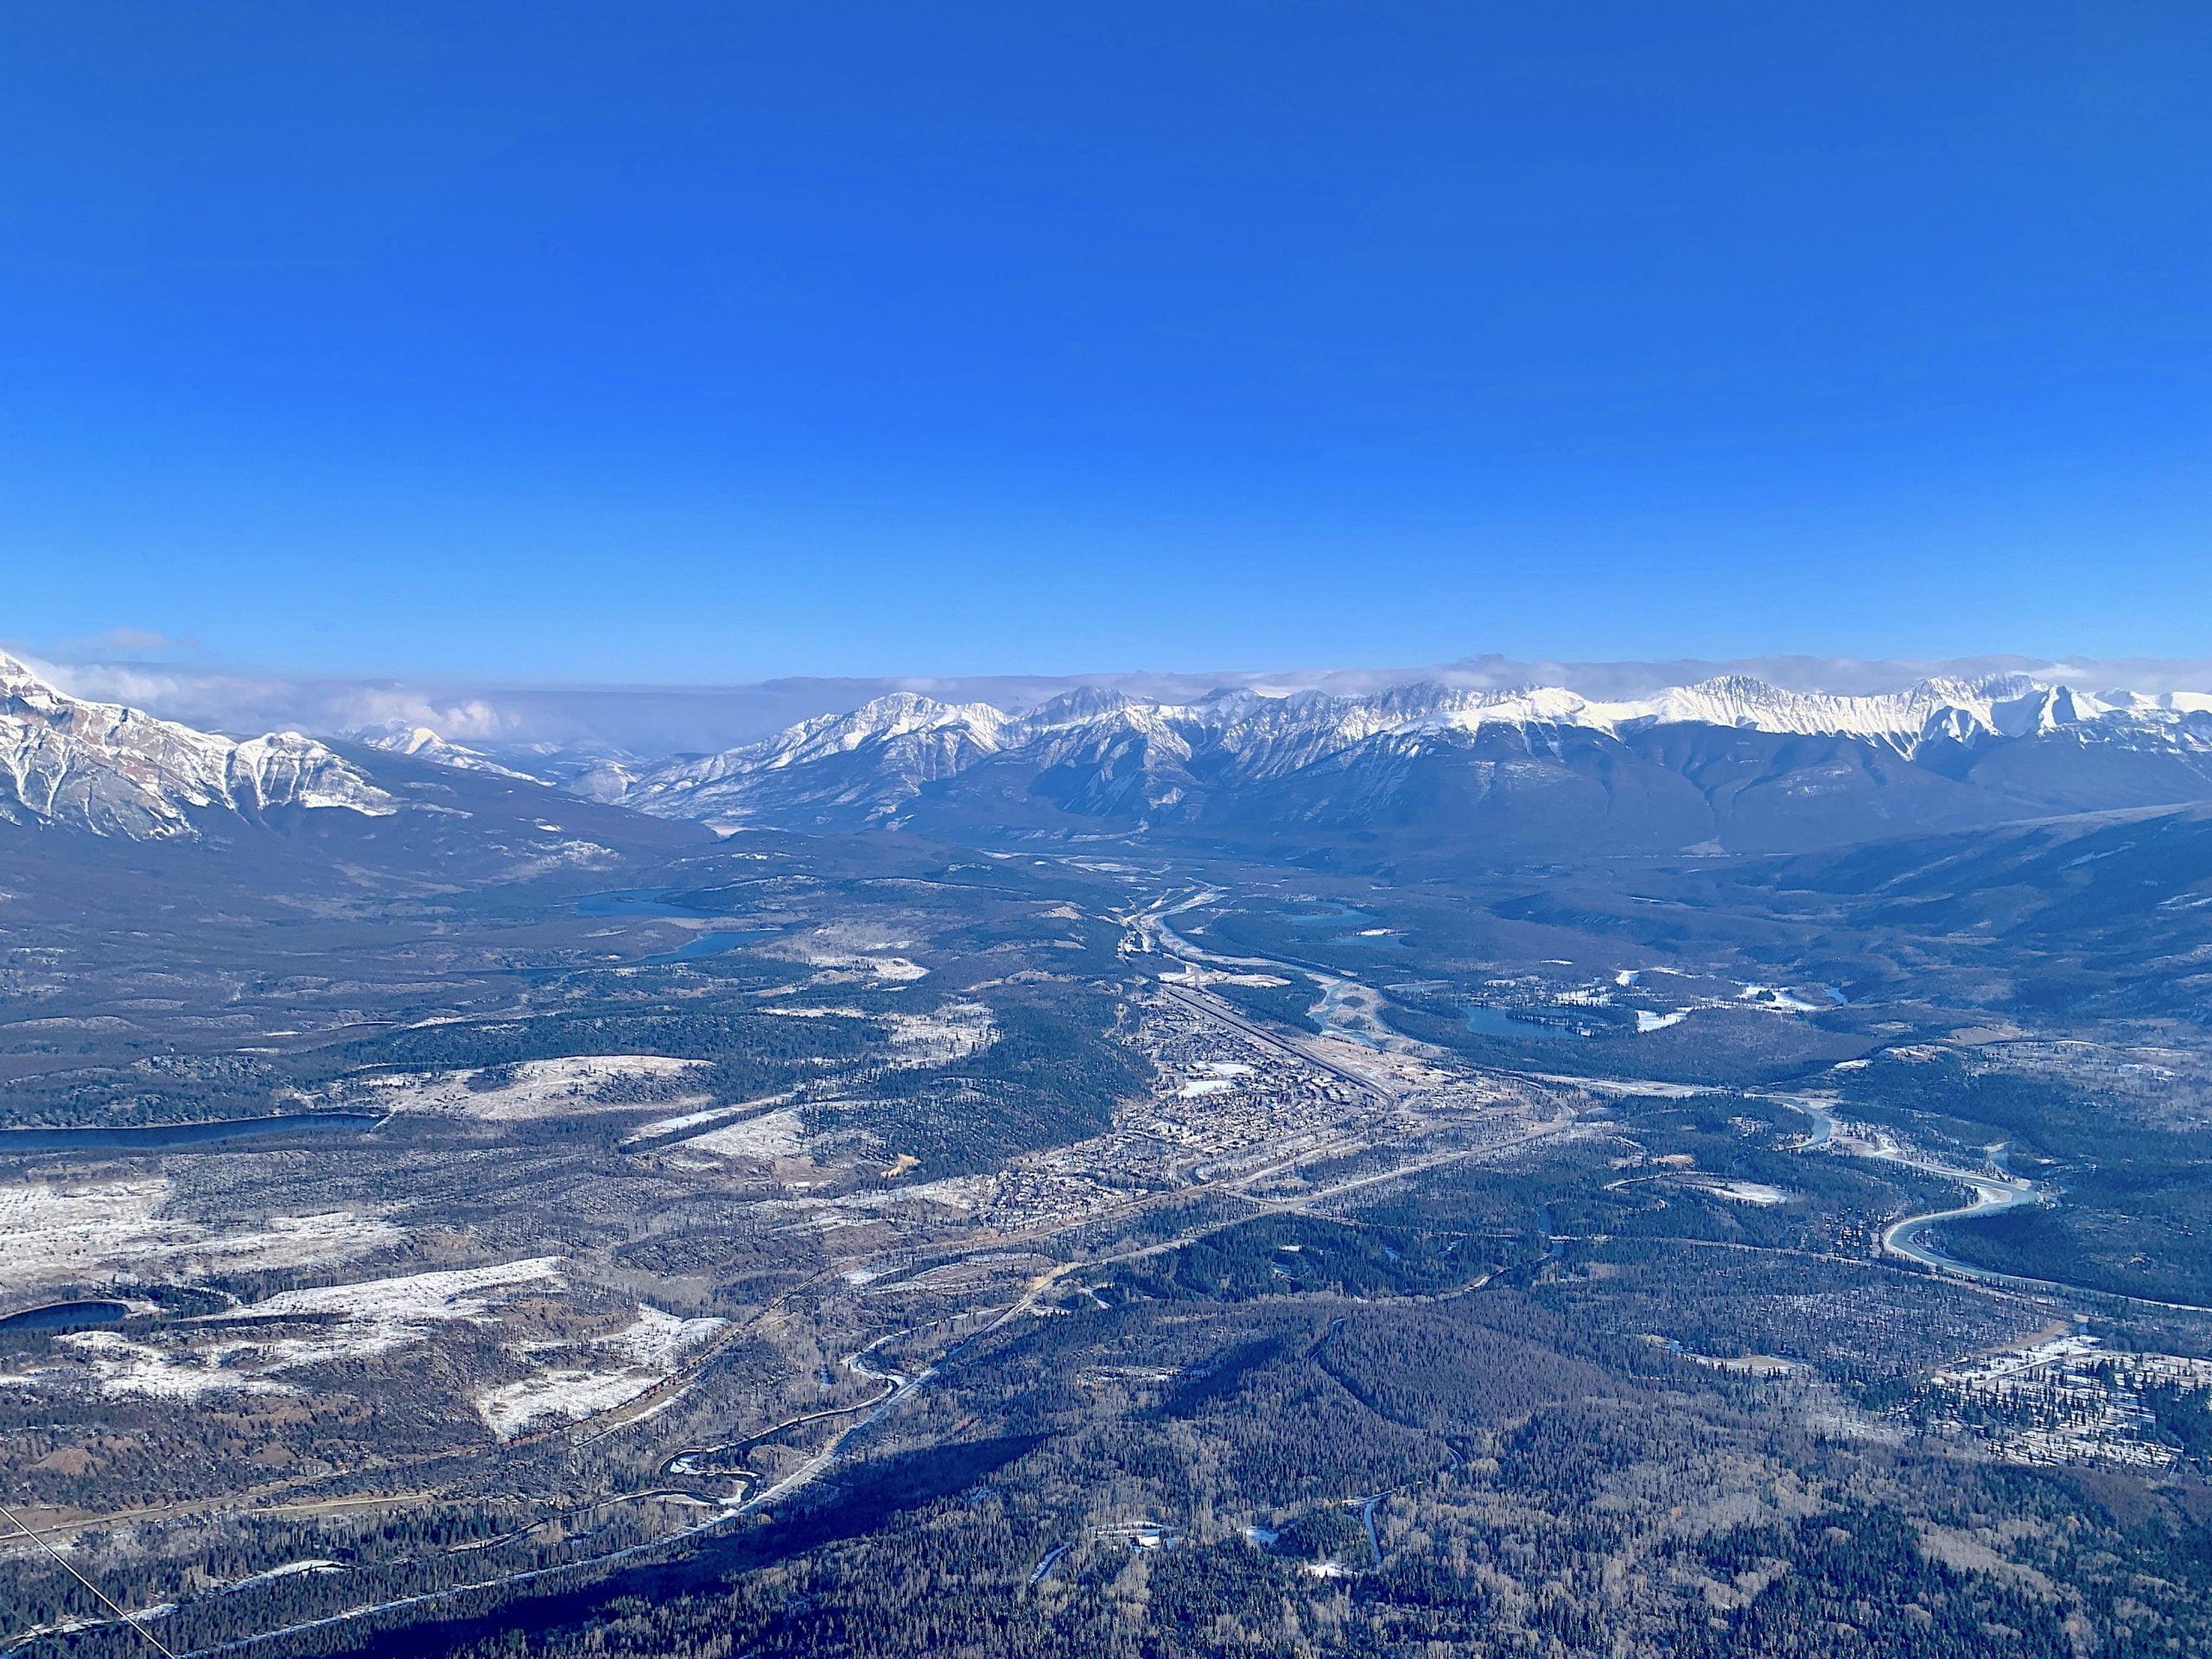 View of Jasper skies from Jasper SkyTram Jennifer Bain